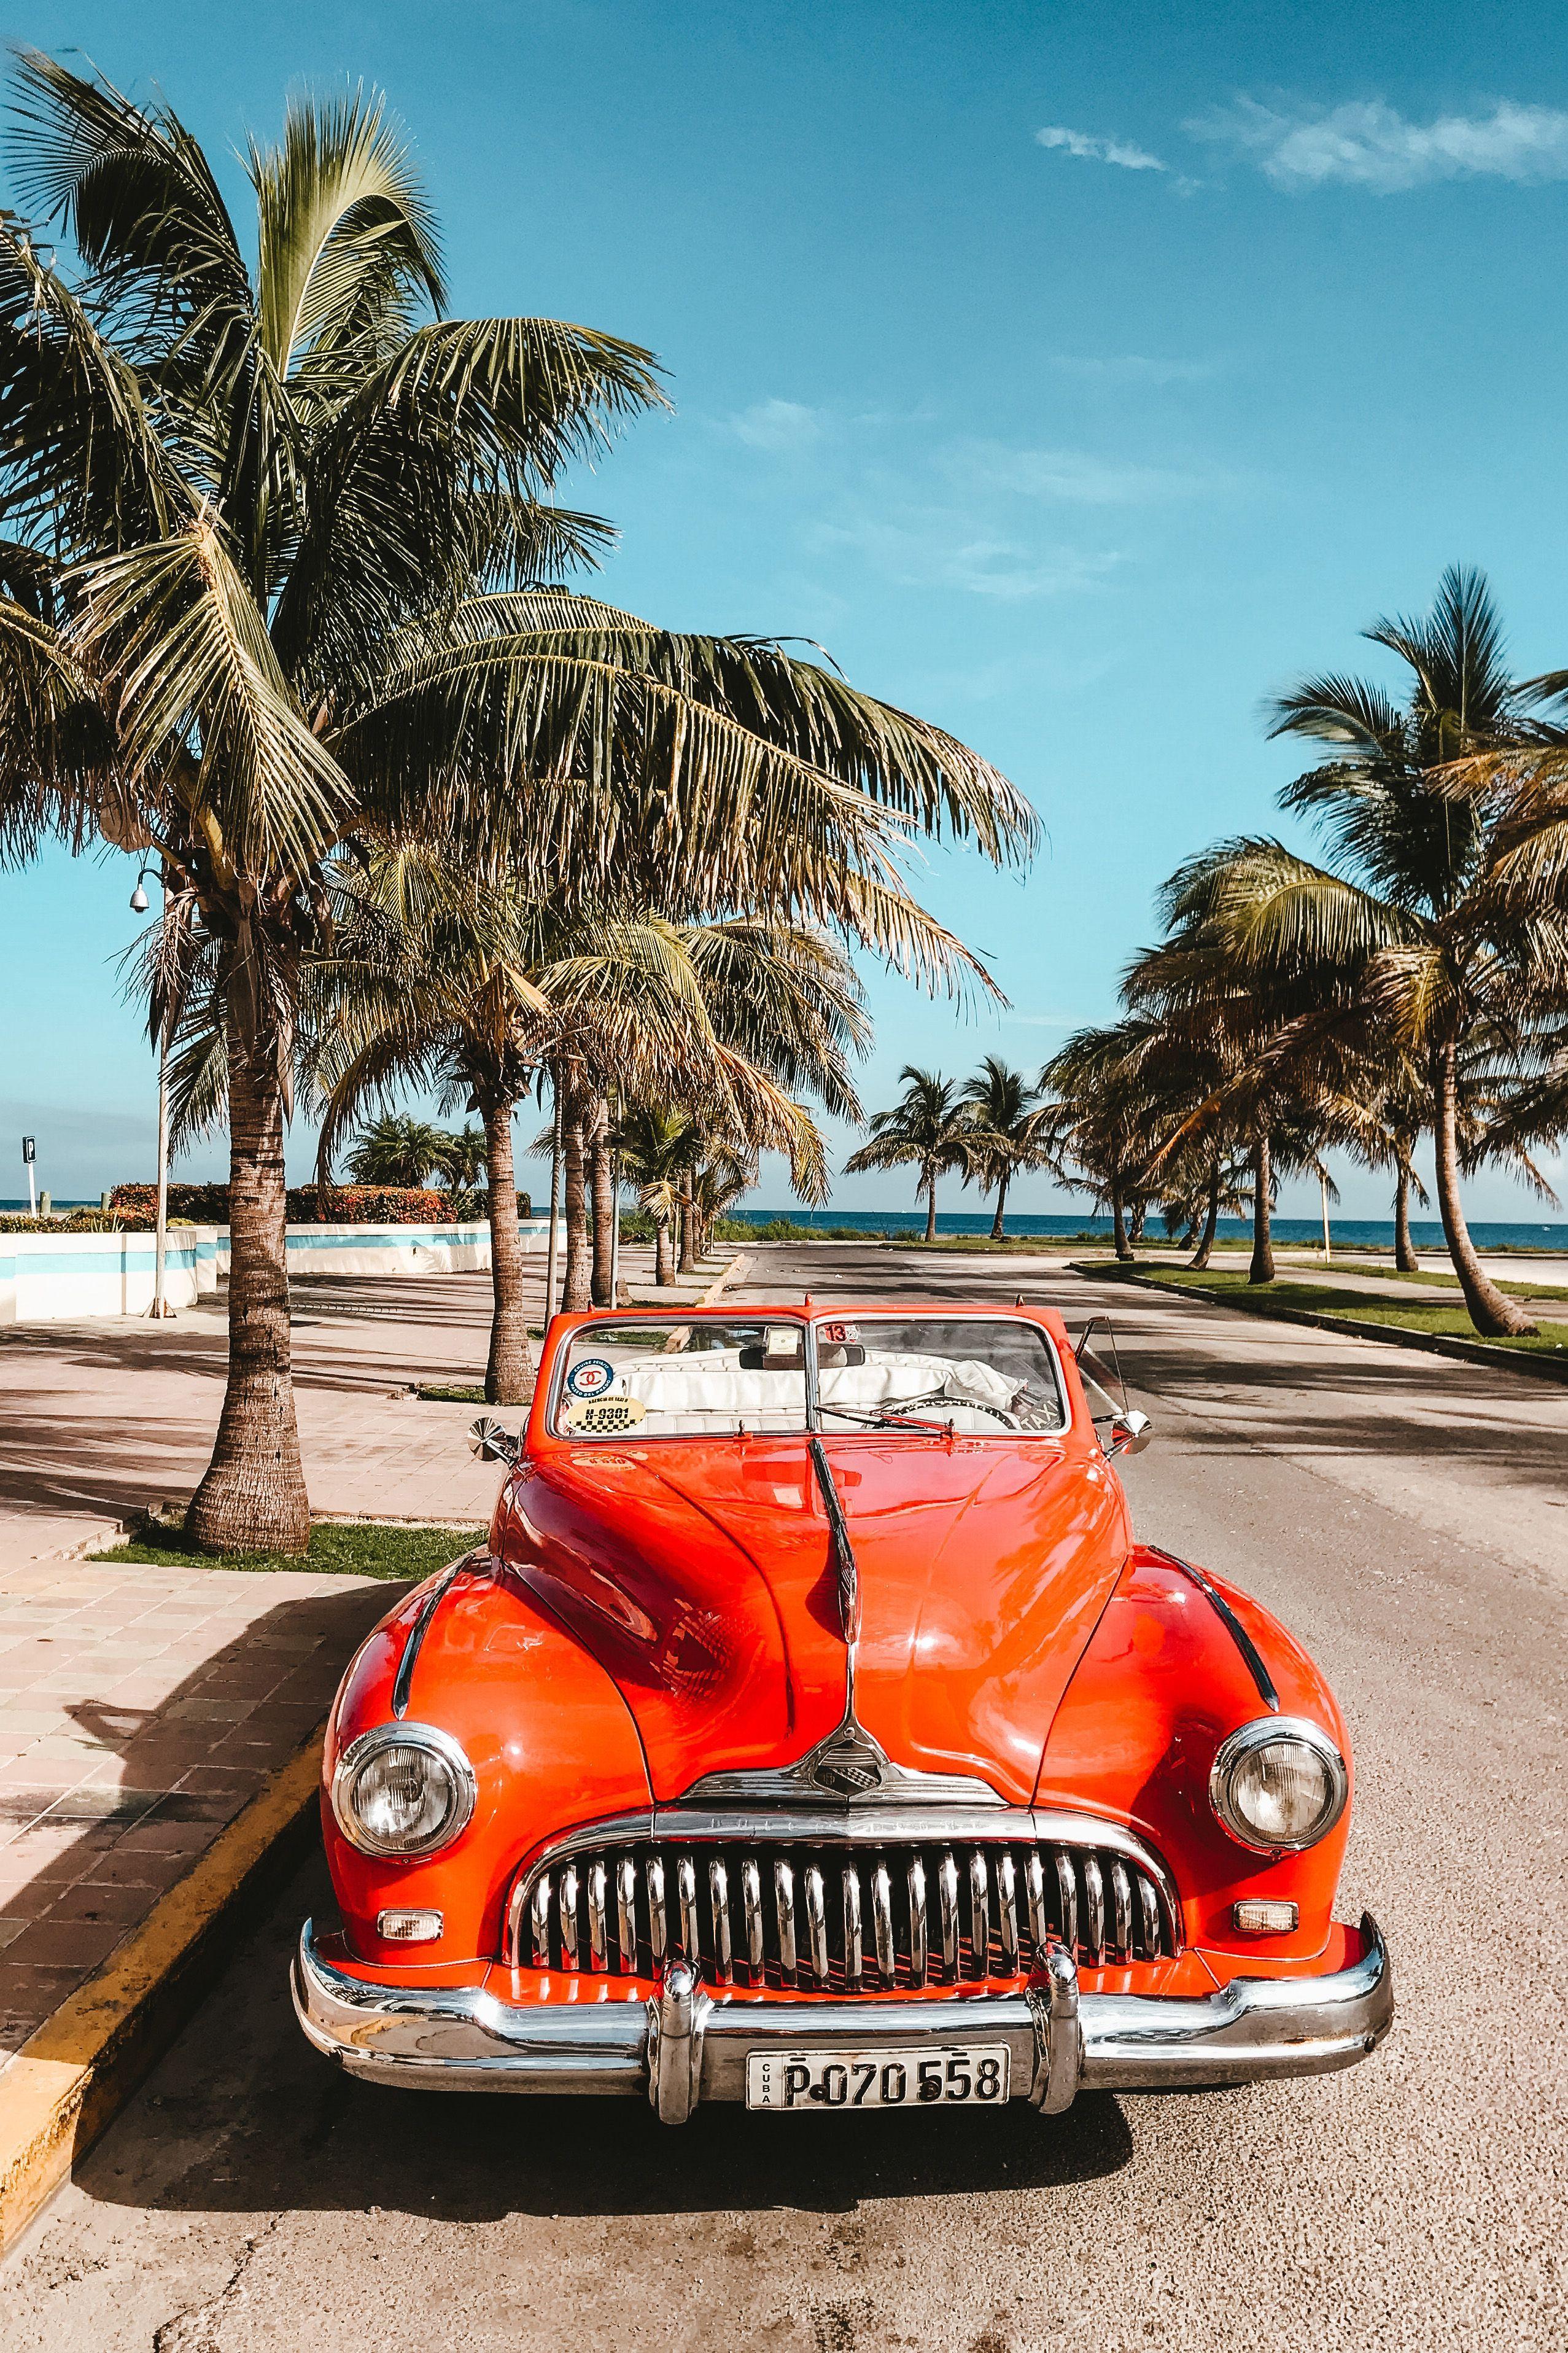 Nostalgie Momente In Havanna Unsere Reiseempfehlung Um Dem Kommenden Winter Zu Entfliehen Charming Cuba Erfahre Auf Unserer We Kuba Reisen Kuba Havanna Kuba